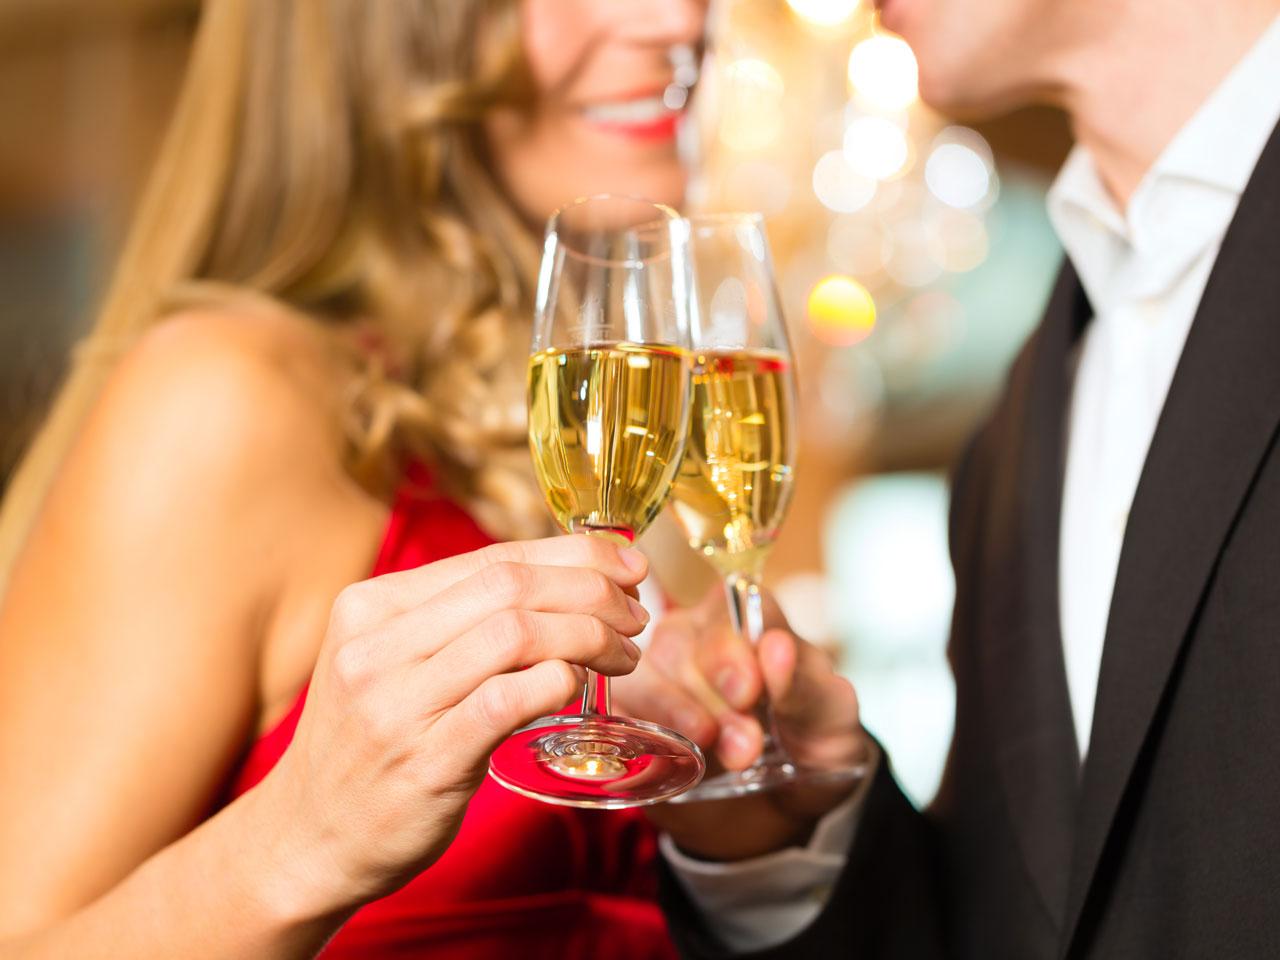 100 Kostenlose Dating Sites In Deutschland - Invoset